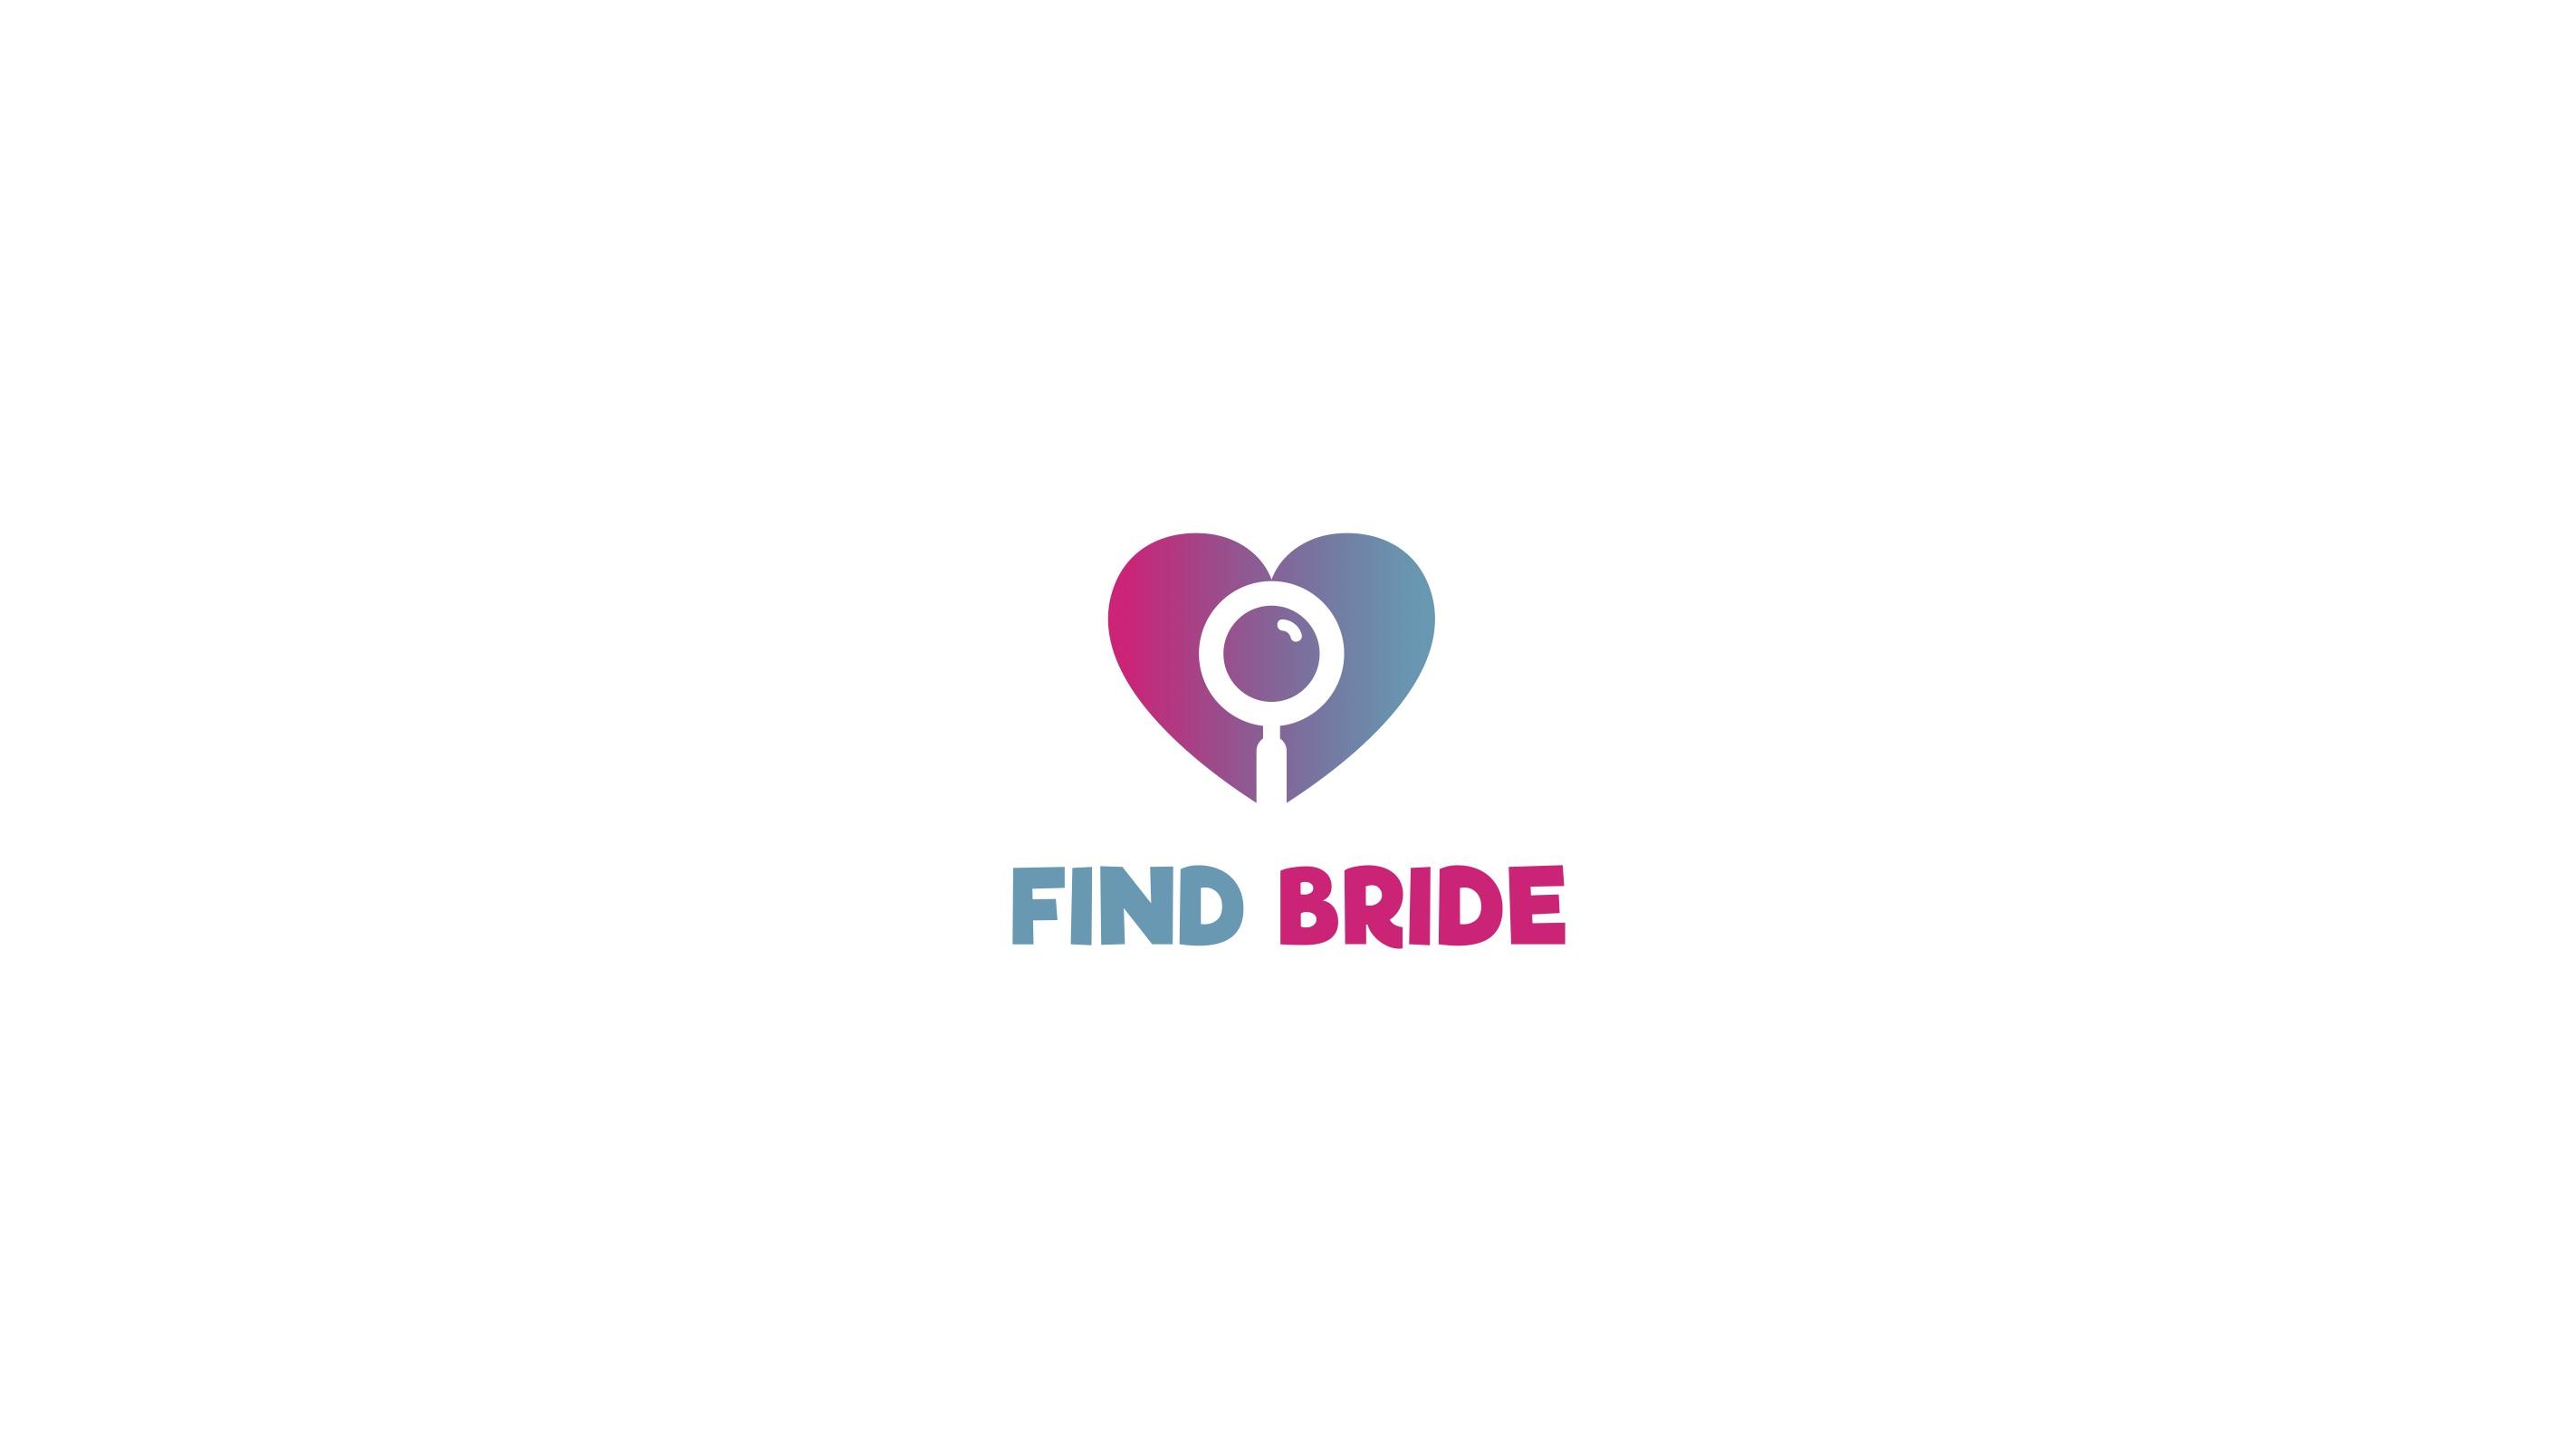 Нарисовать логотип сайта знакомств фото f_1665acd68263c76d.jpg